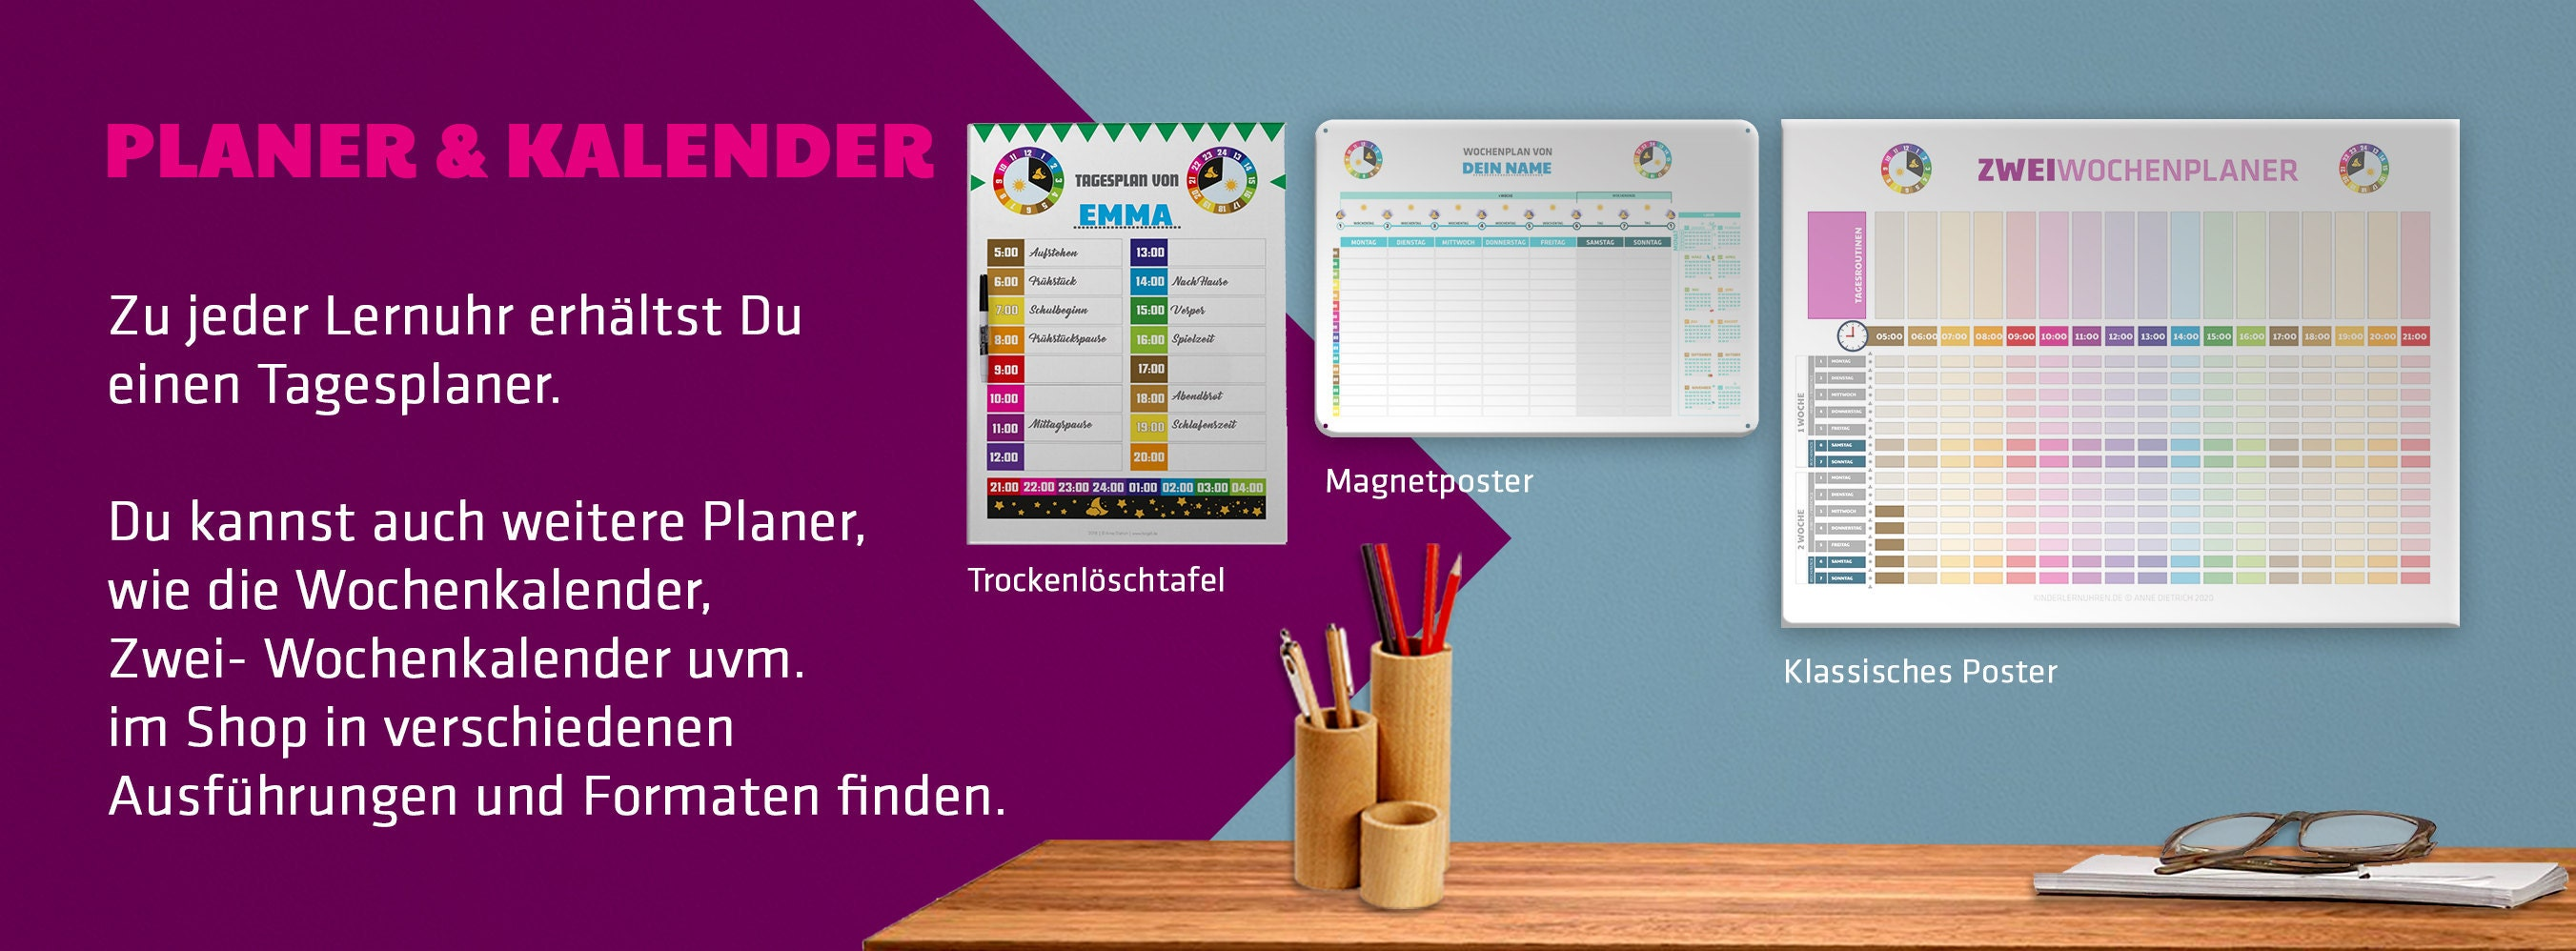 Die Planer und Kalender zu den Lernuhren